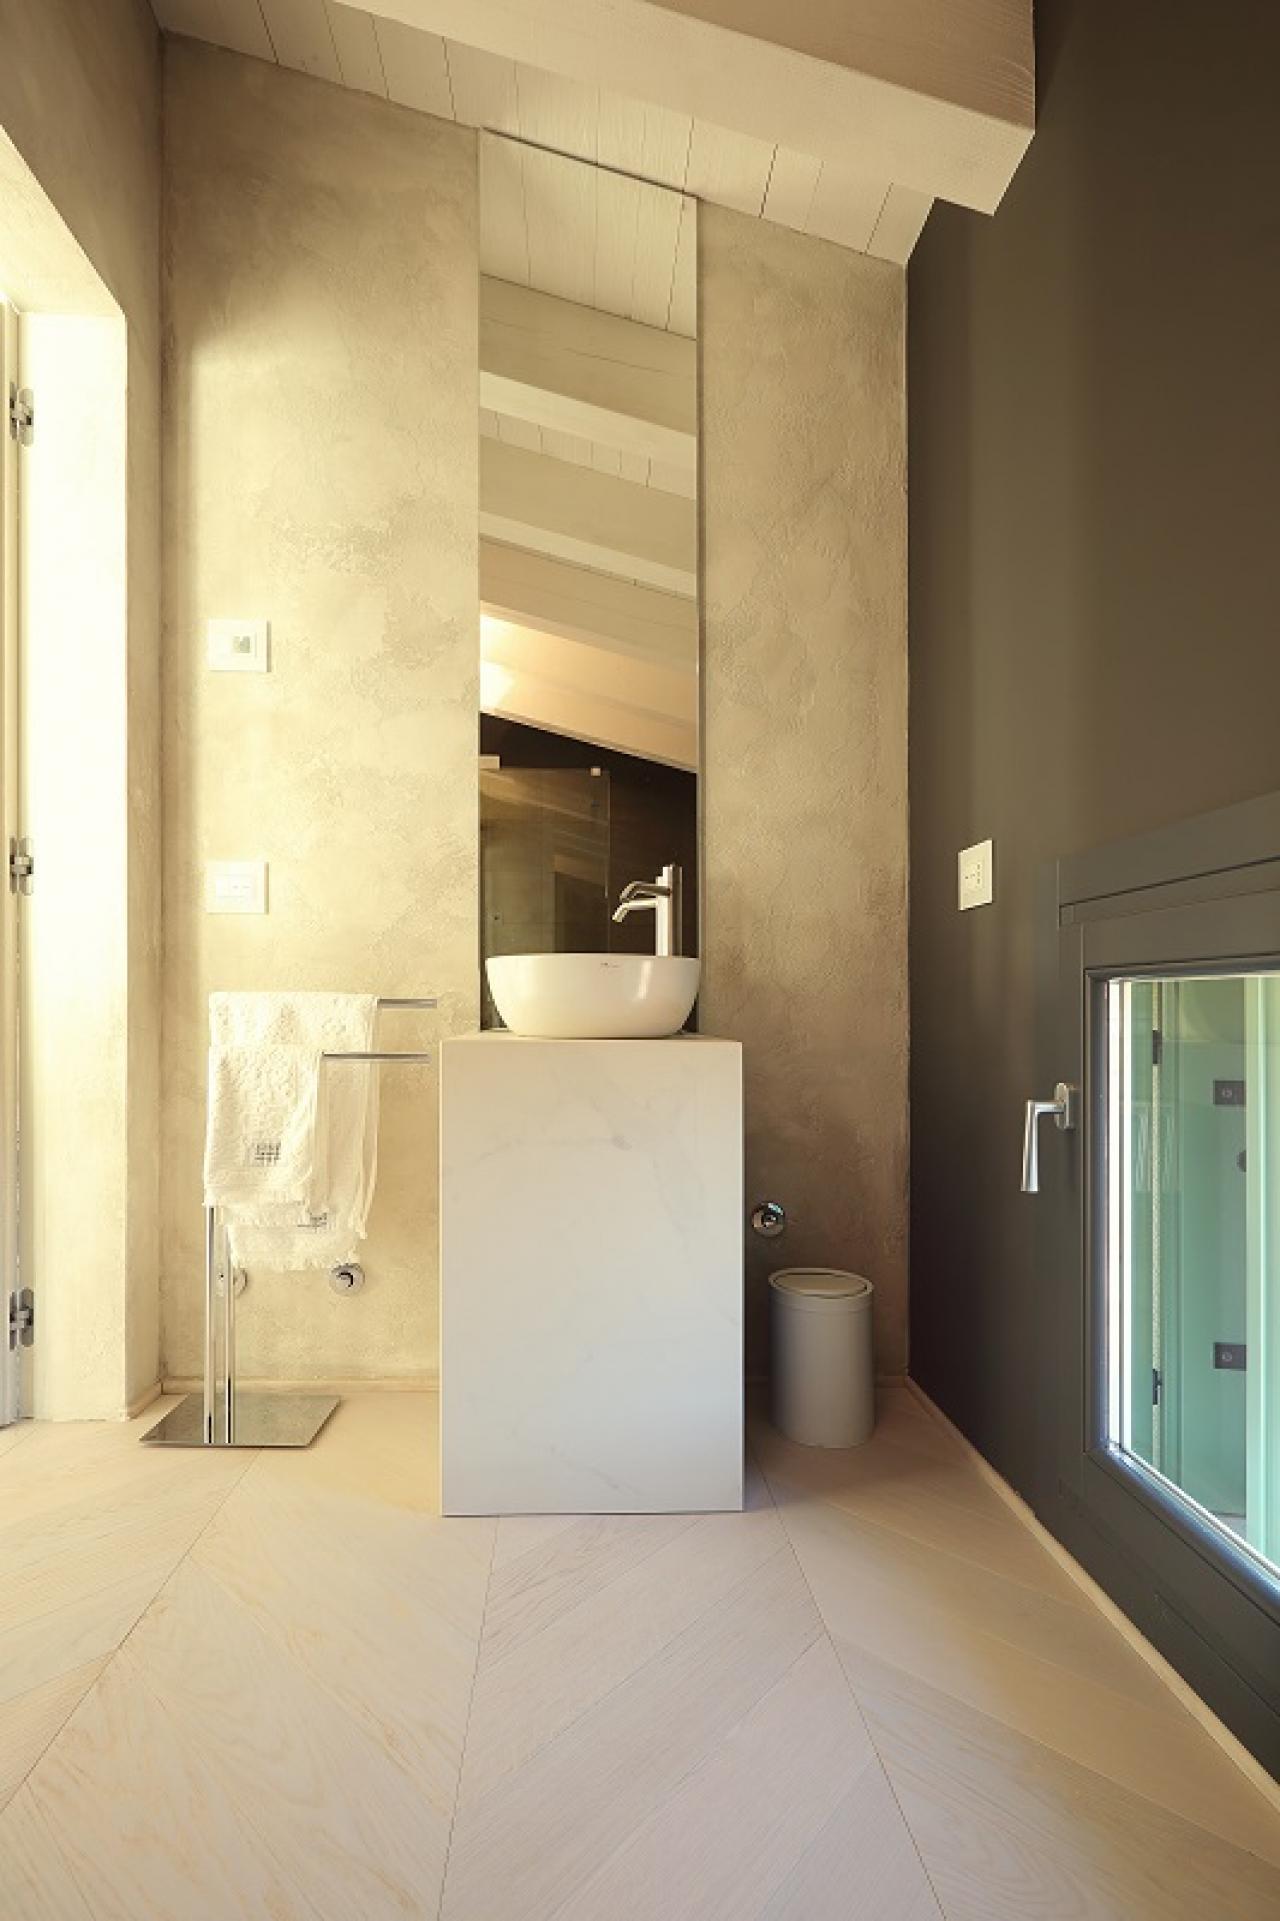 Attico ad Arzignano: design sofisticato | Fratelli Pellizzari